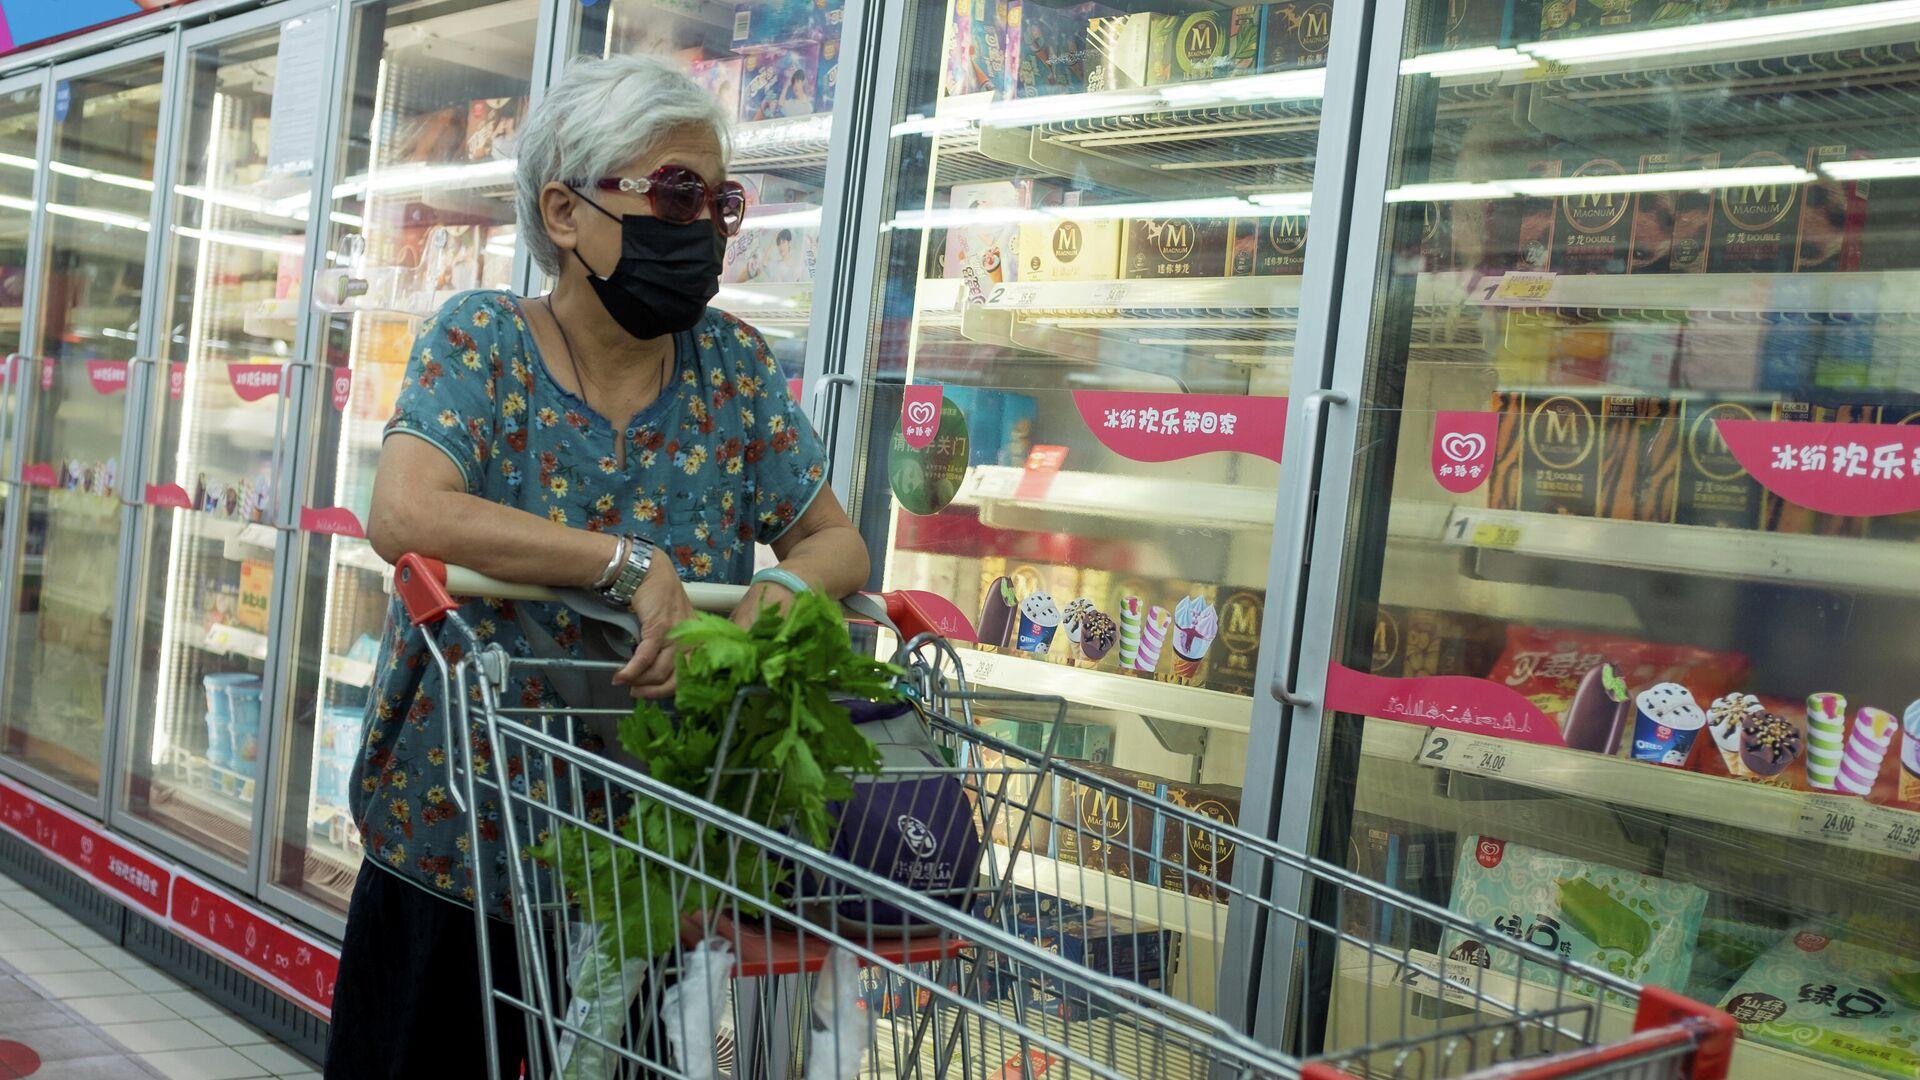 Женщина у стеллажа с замороженной продукцией в супермаркете в Пекине, КНР - РИА Новости, 1920, 18.10.2020